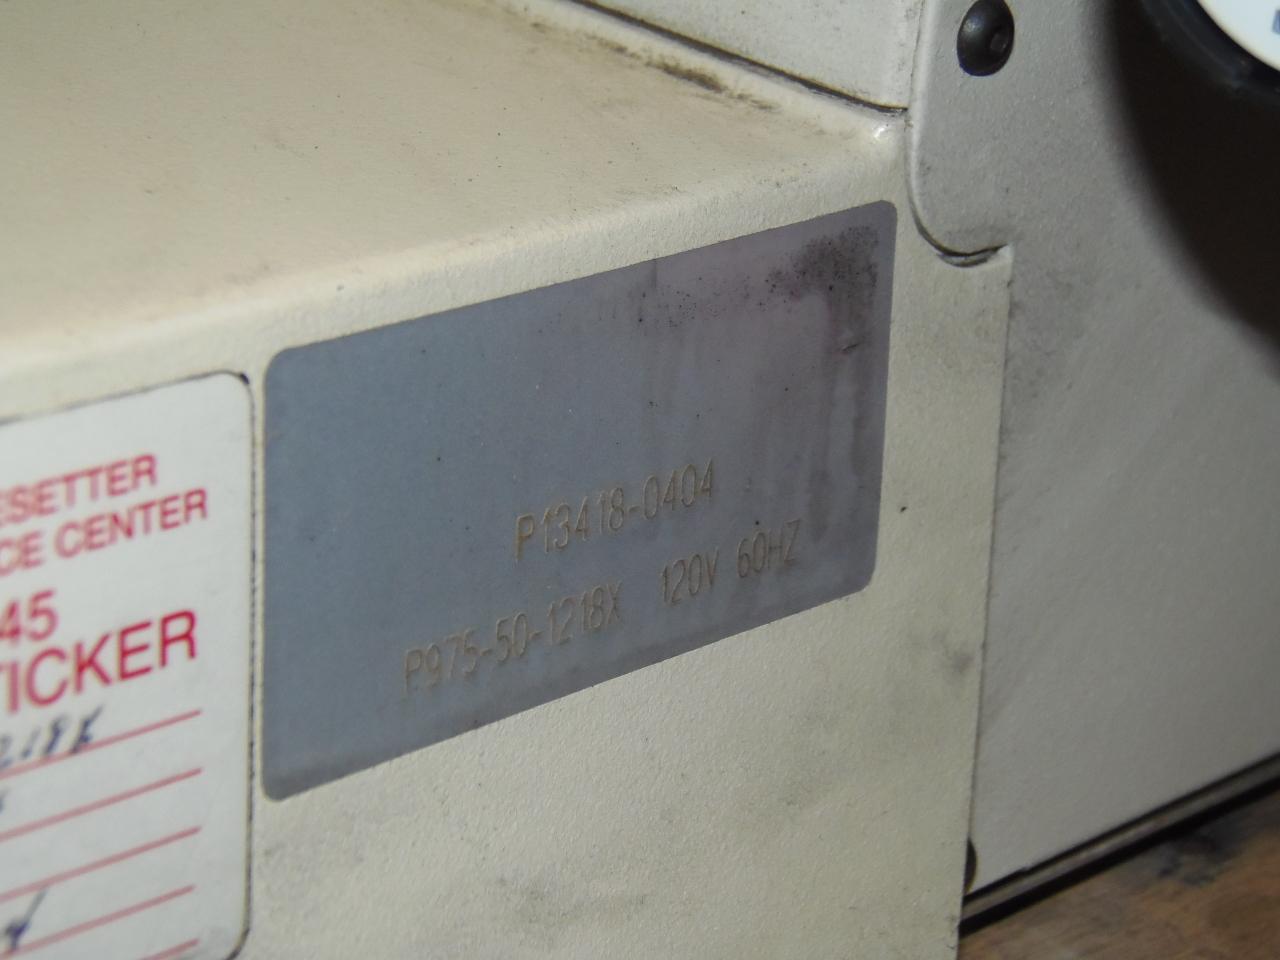 PARLEC TOOL PRESETTER, MODEL P975-50-1218X, 50 TAPER, MANUALS, NO COMPUTER, 2004